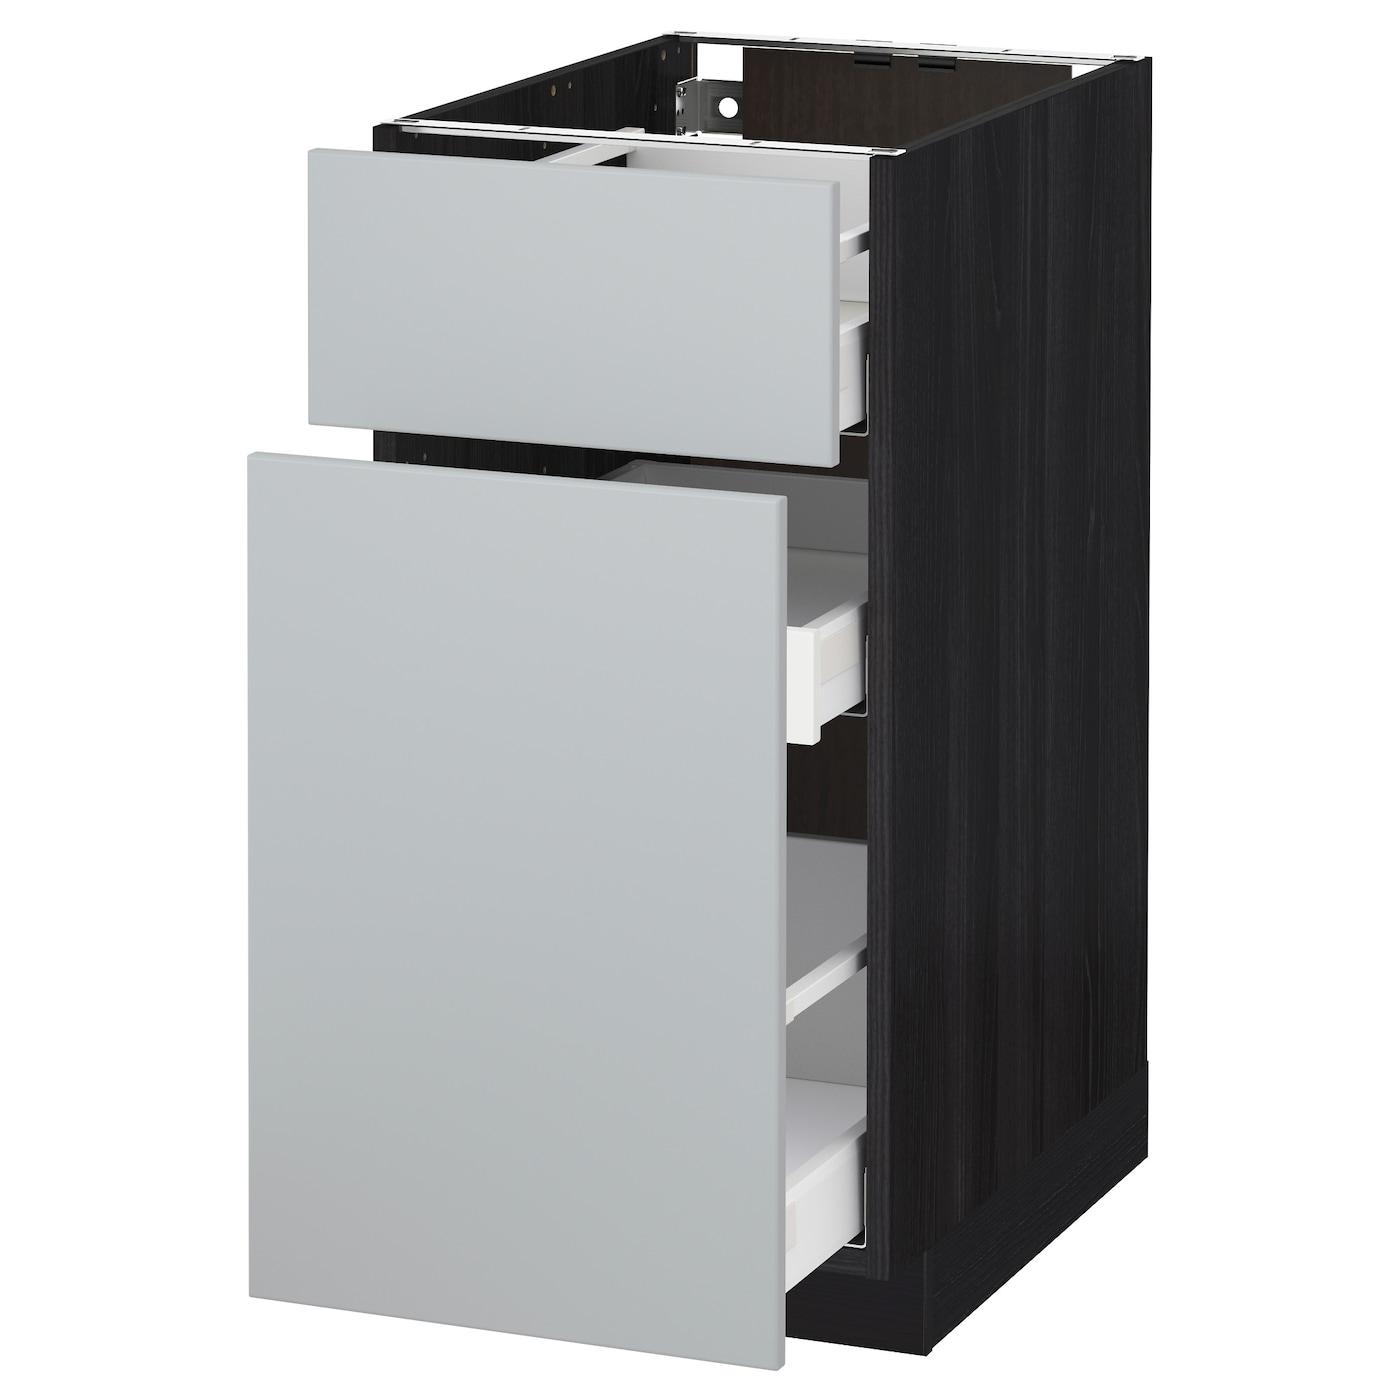 metod maximera base cabinet p out storage drawer black veddinge grey 40 x 60 cm ikea. Black Bedroom Furniture Sets. Home Design Ideas